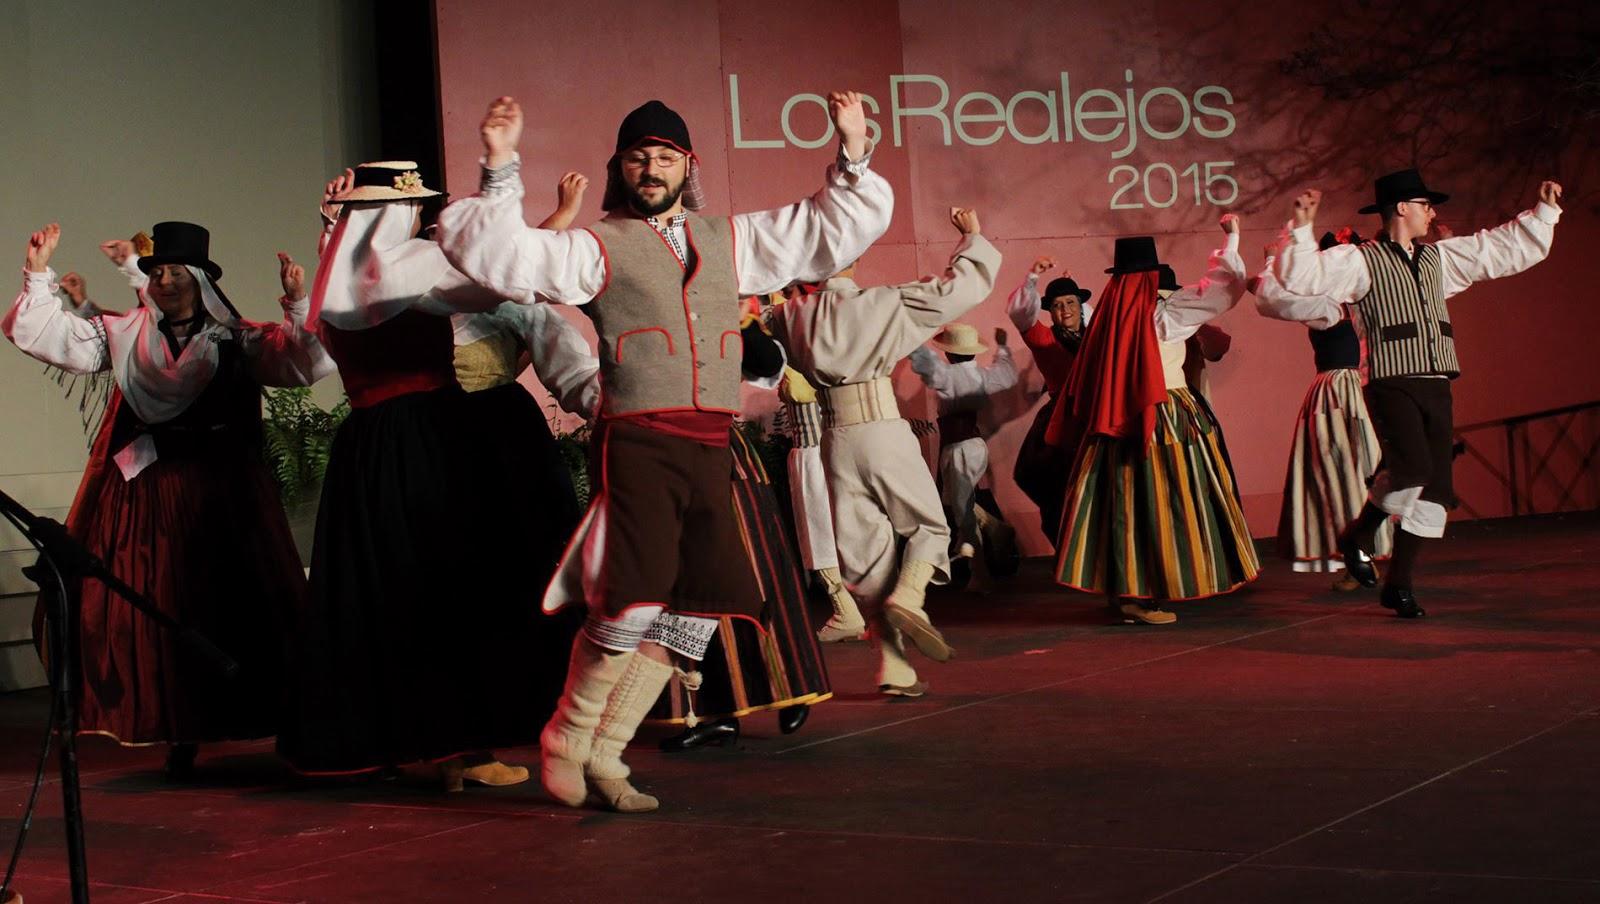 Los Realejos volverá a ser capital canaria del folclore con la XLIII edición de su Festival de las Islas